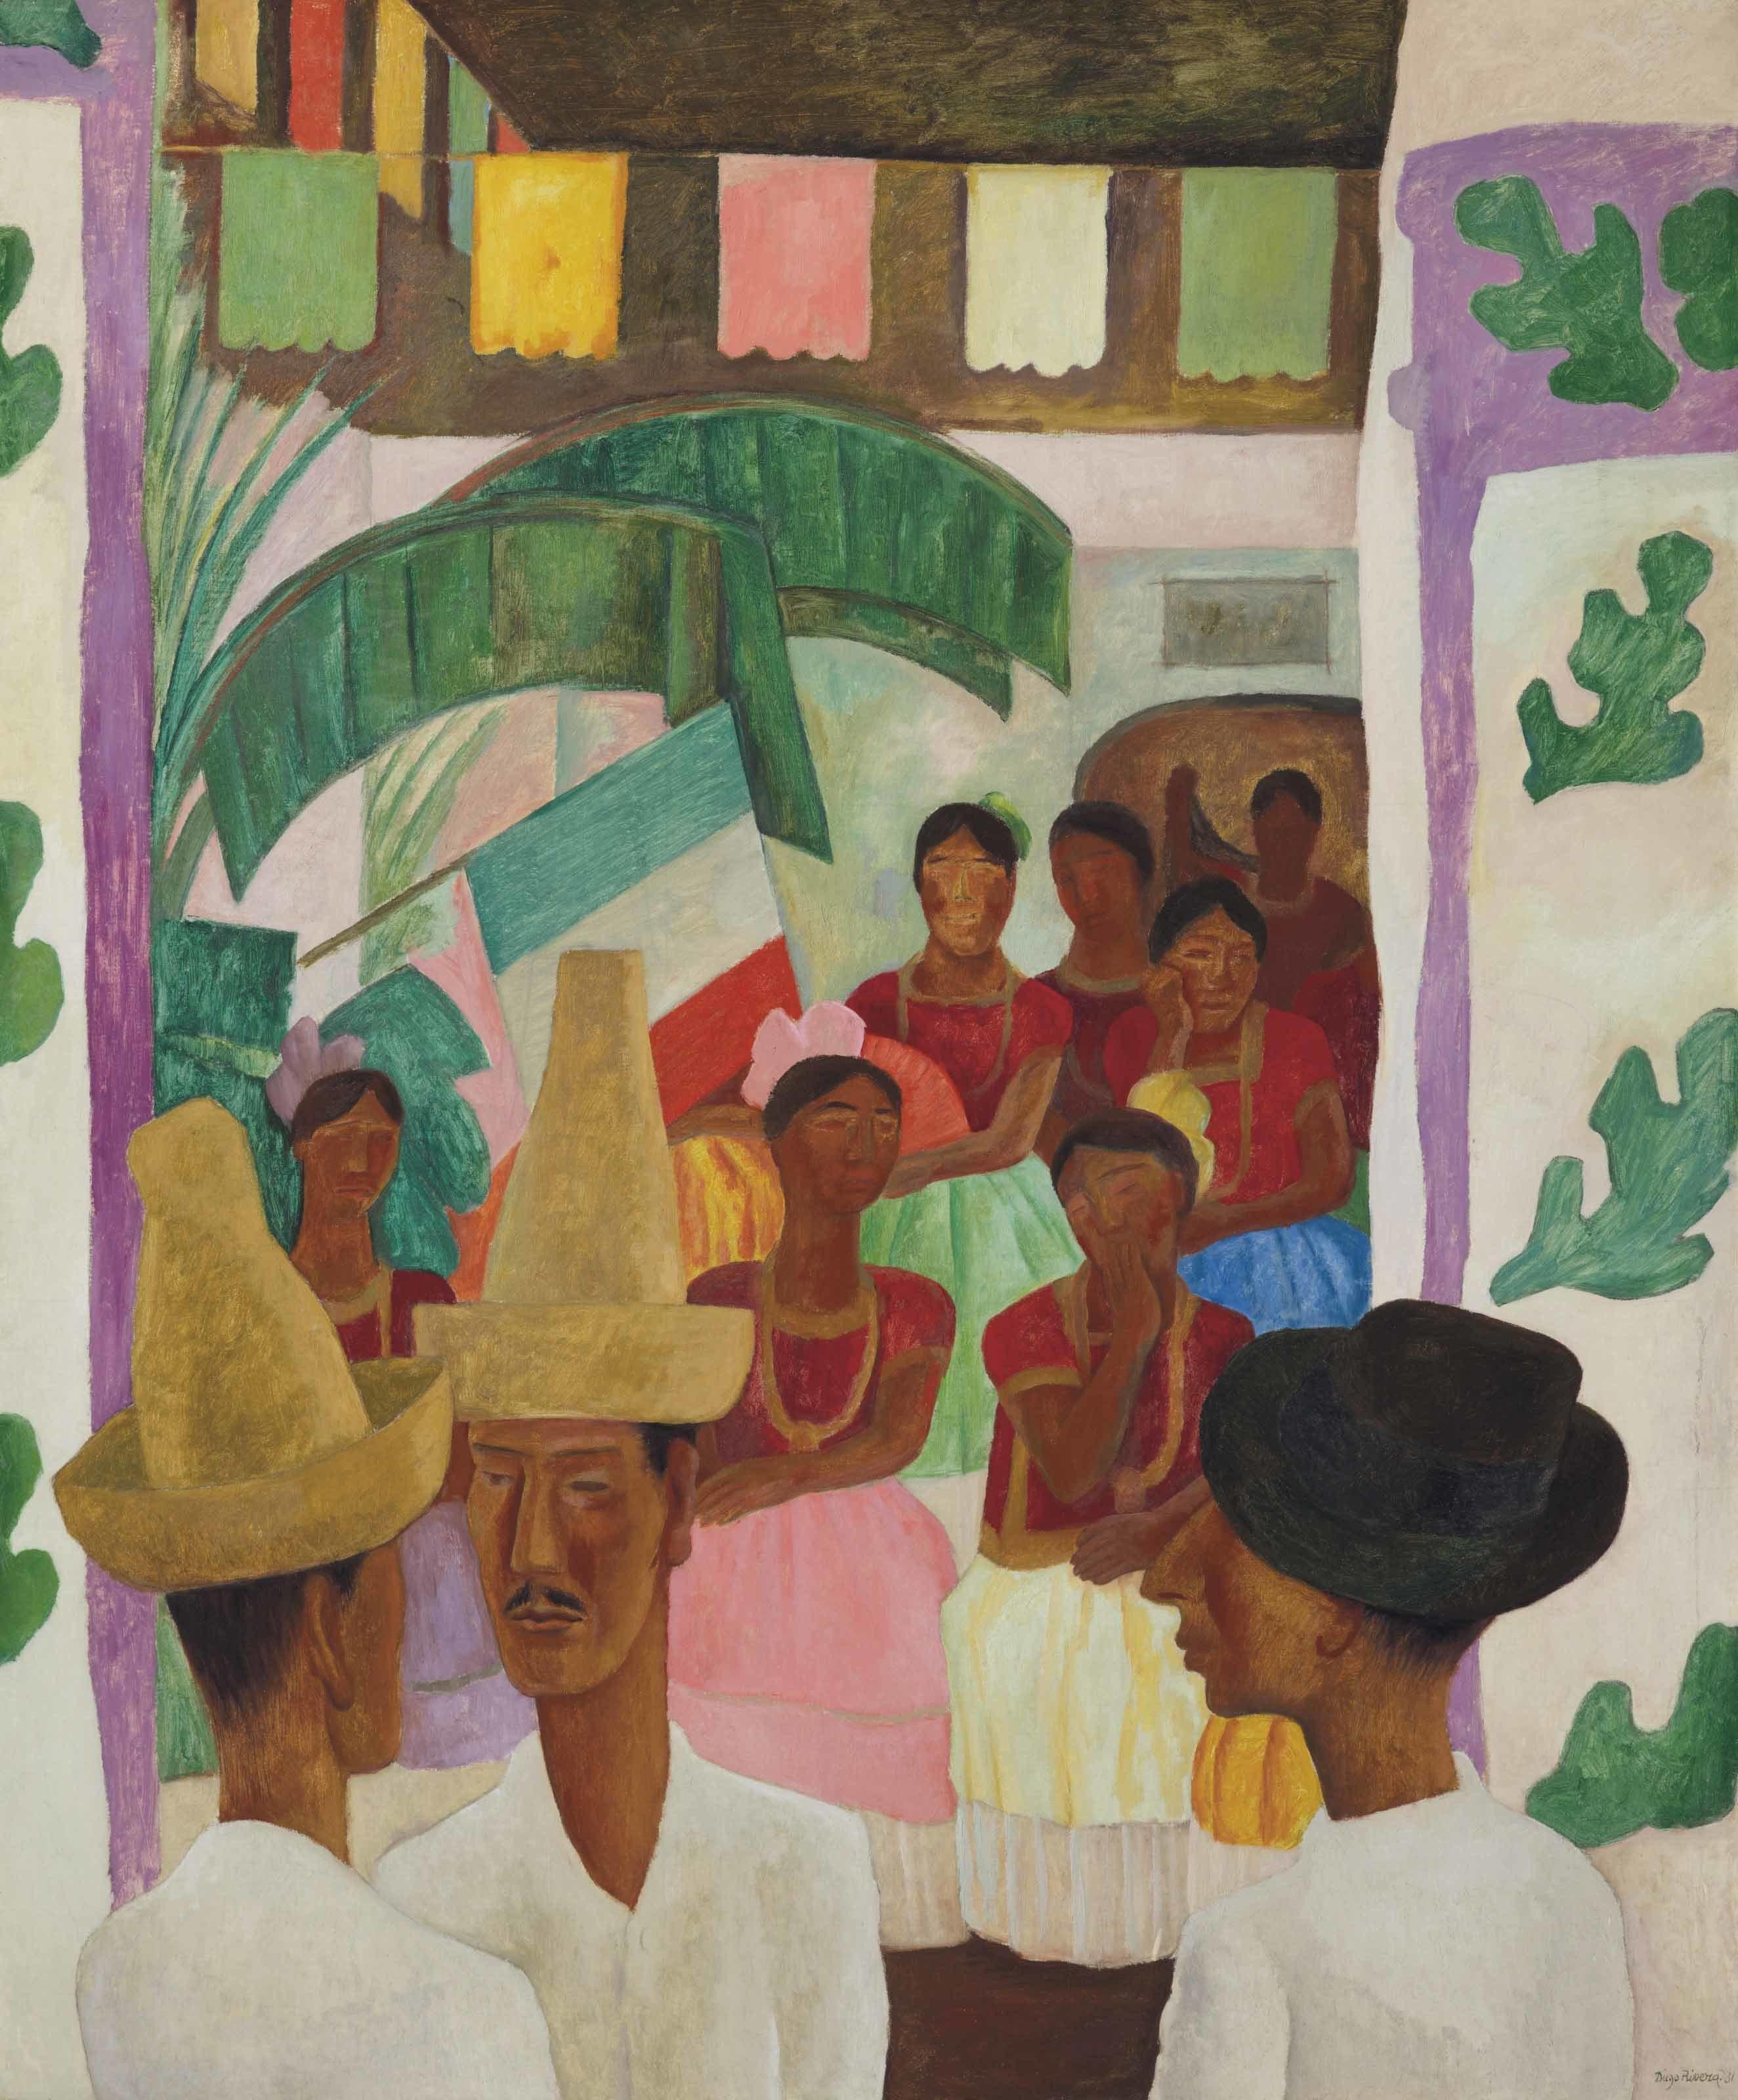 Christie's a annoncé que « The Rivals » de Diego Rivera sera l'un des lots clés de la vente « Art of the Americas », avec une estimation survolant les 5 à 7 millions de dollars. Image ©Christie's